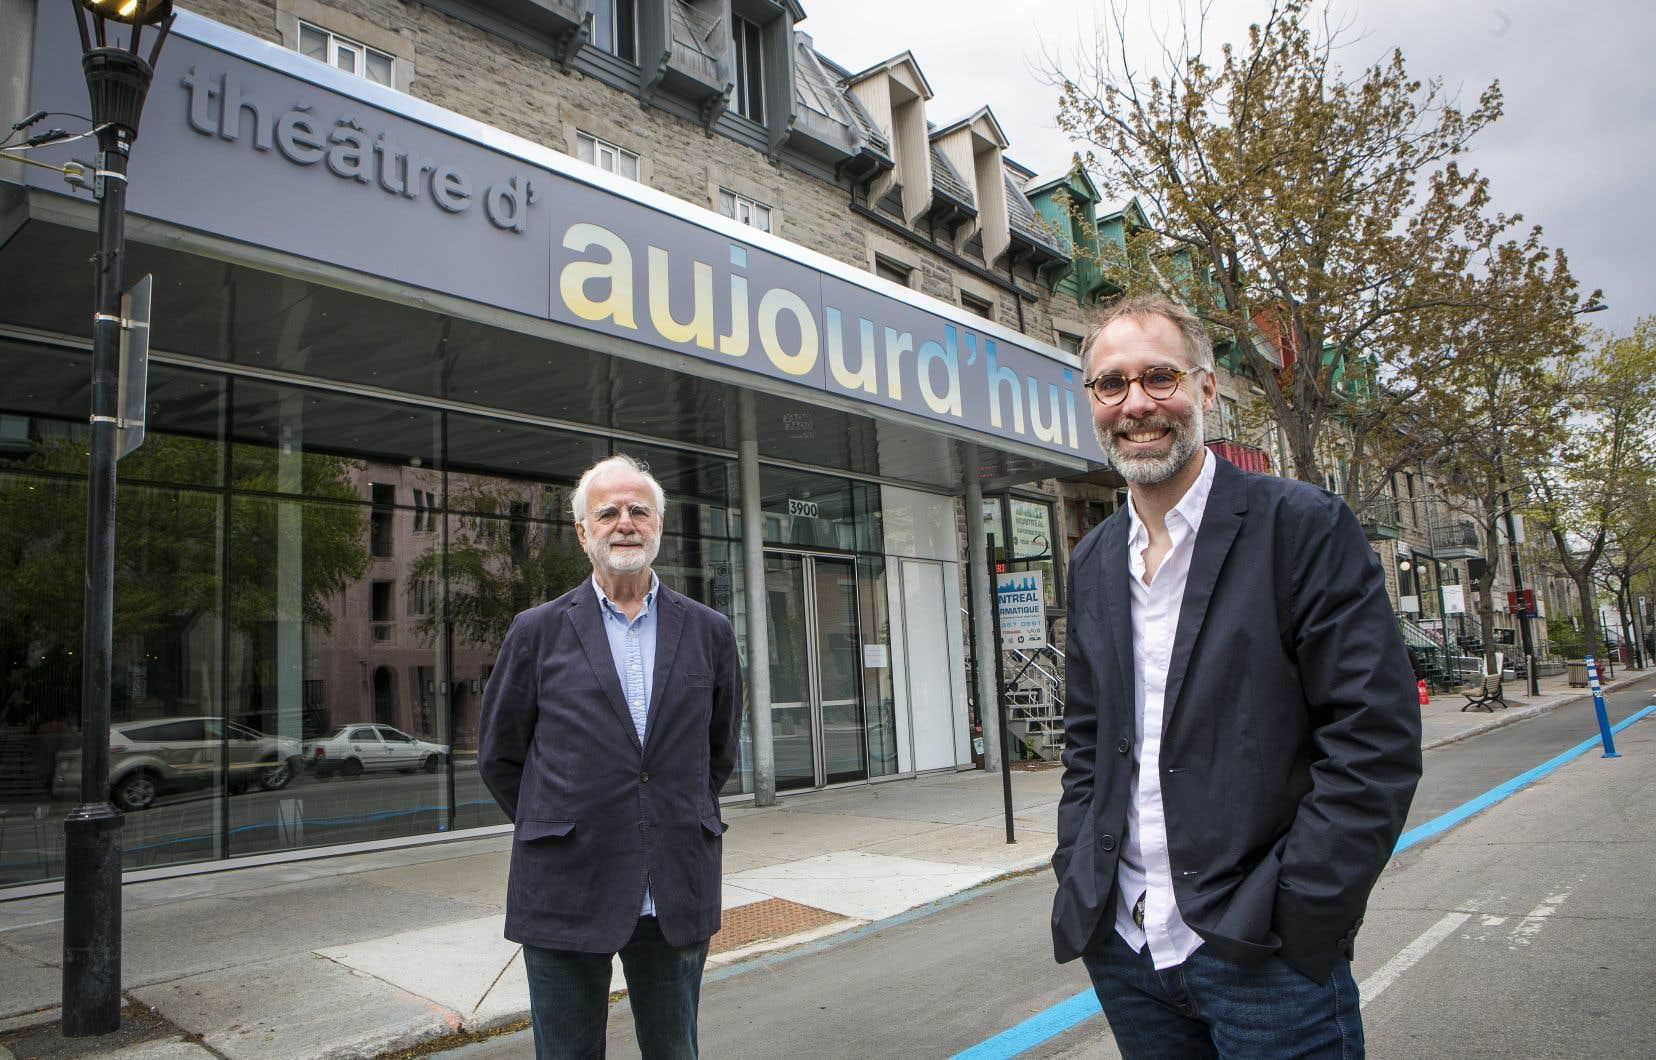 Jacques Desmarais, le conjoint de Michelle Rossignol (à gauche), et Sylvain Bélanger, le directeur artistique du CTD'A, devant le Théâtre d'Aujourd'hui.